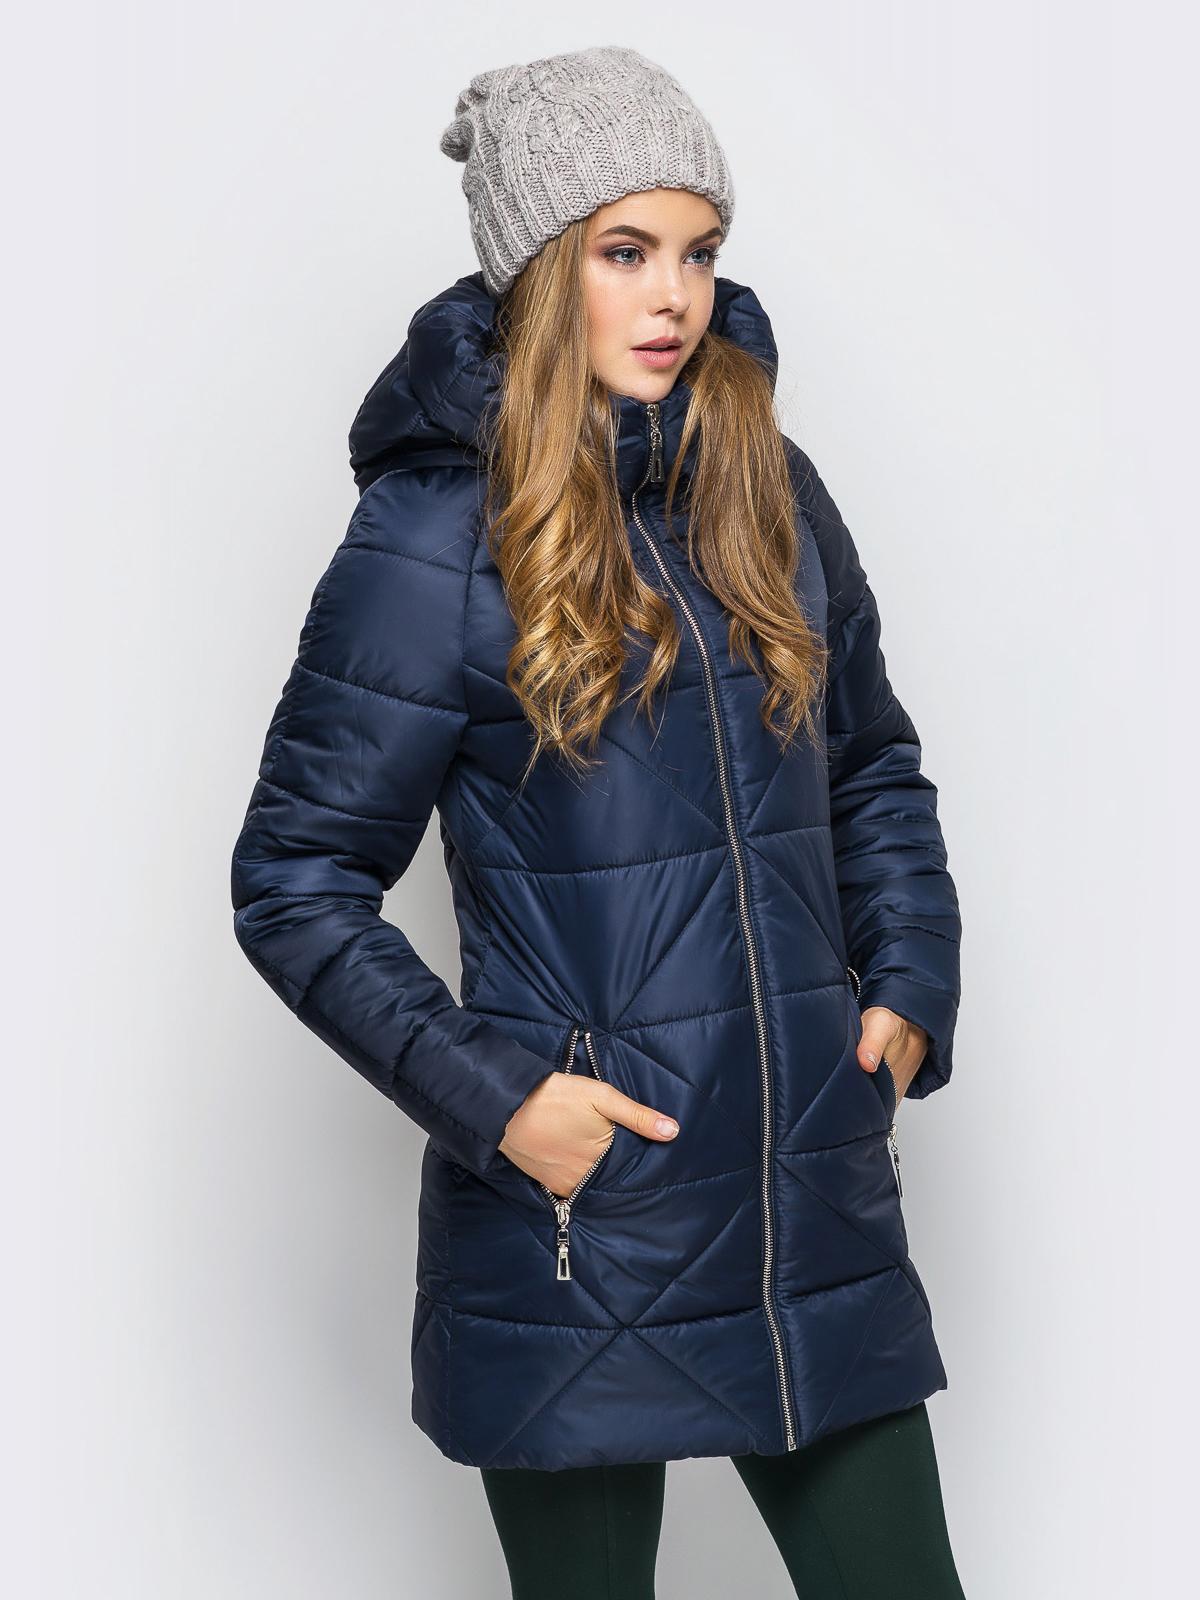 Тёмно-синяя зимняя куртка с застёжкой на молнии 15238, фото 1